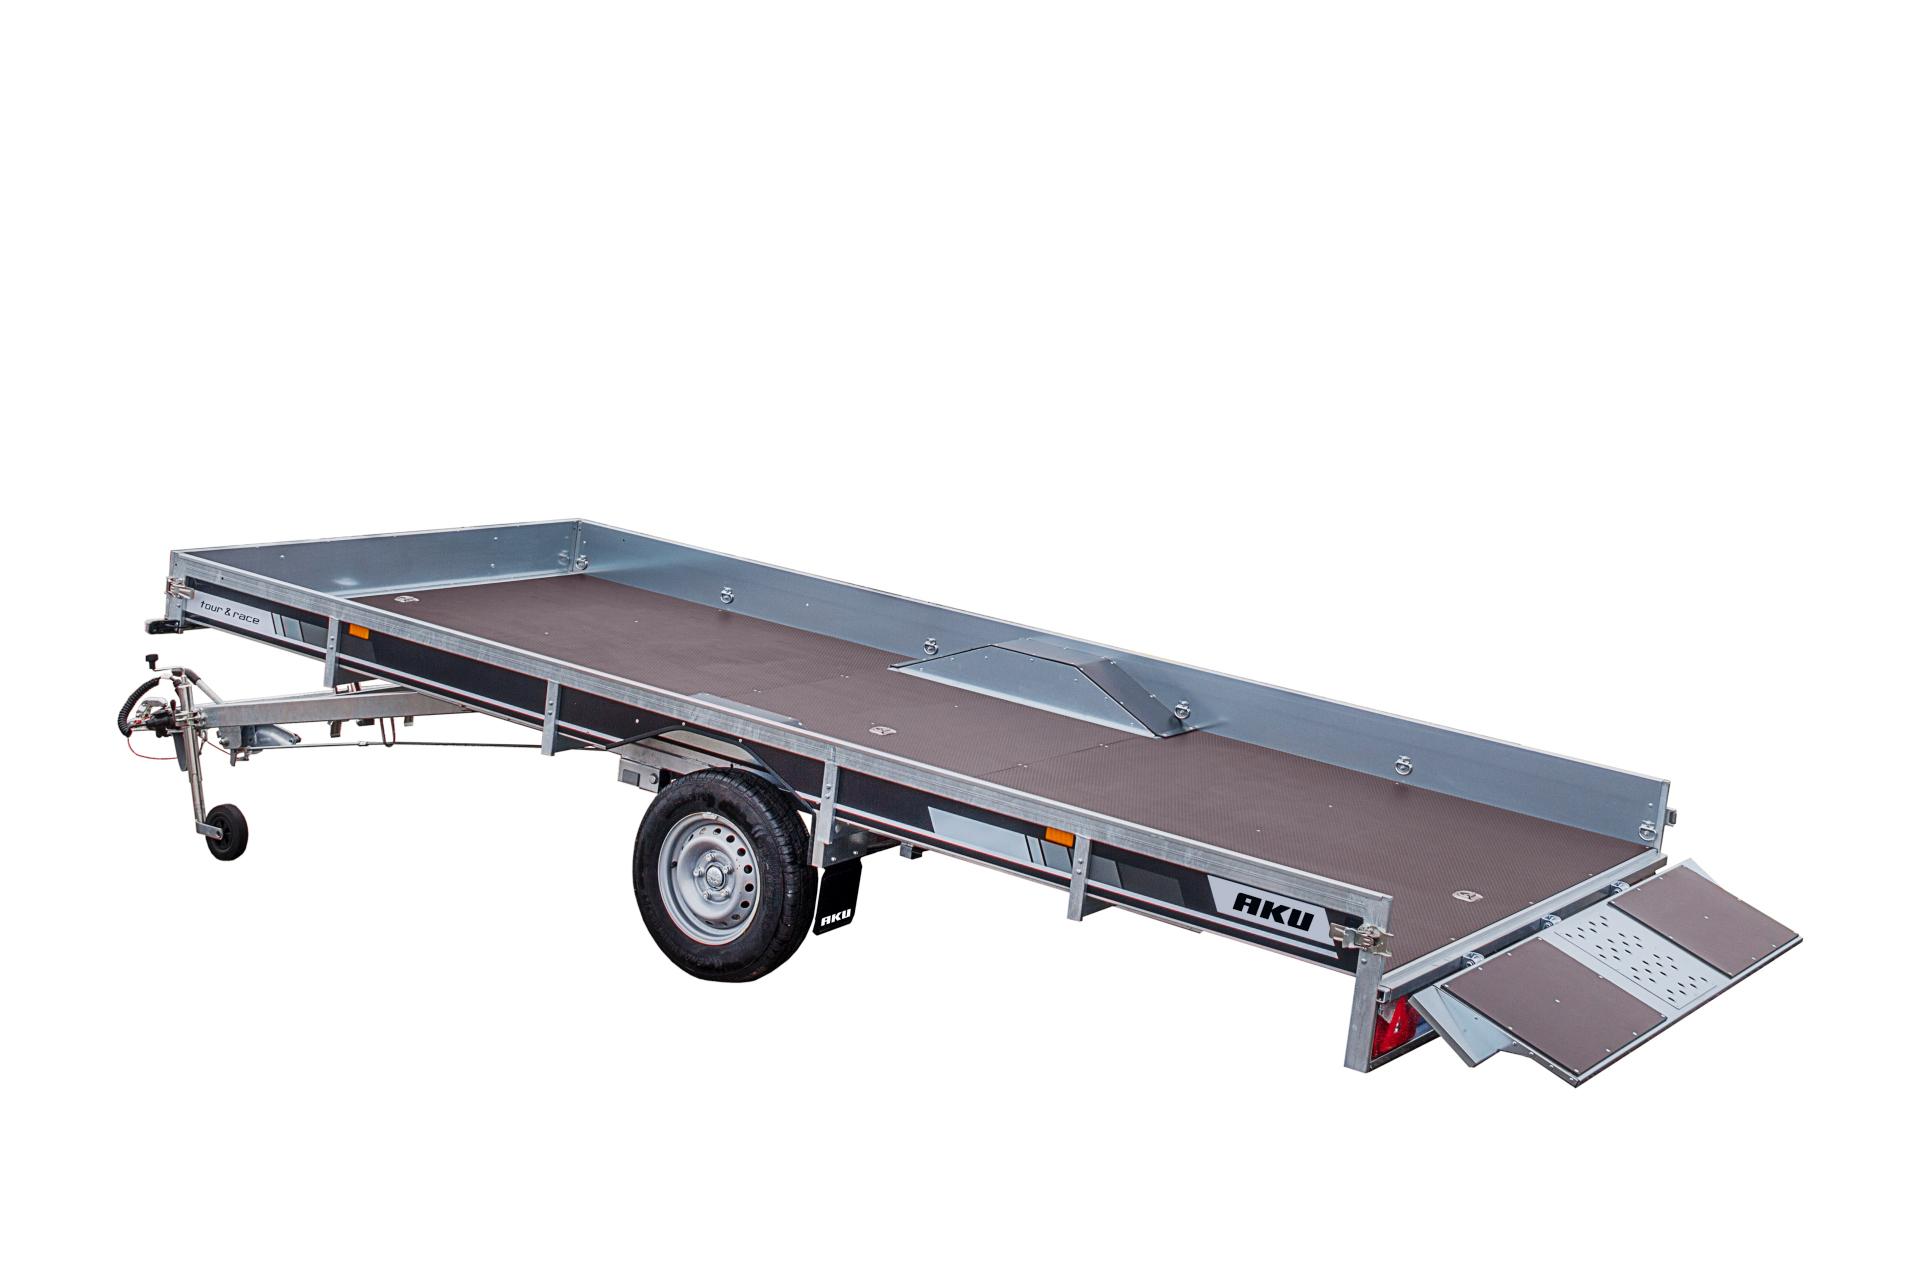 CP430-LB/TOUR & RACE/1400kg EC0196AK [Kuvat ovat havainnollistavia ja kuvien vaunut saattavat sisältää lisävarusteita]